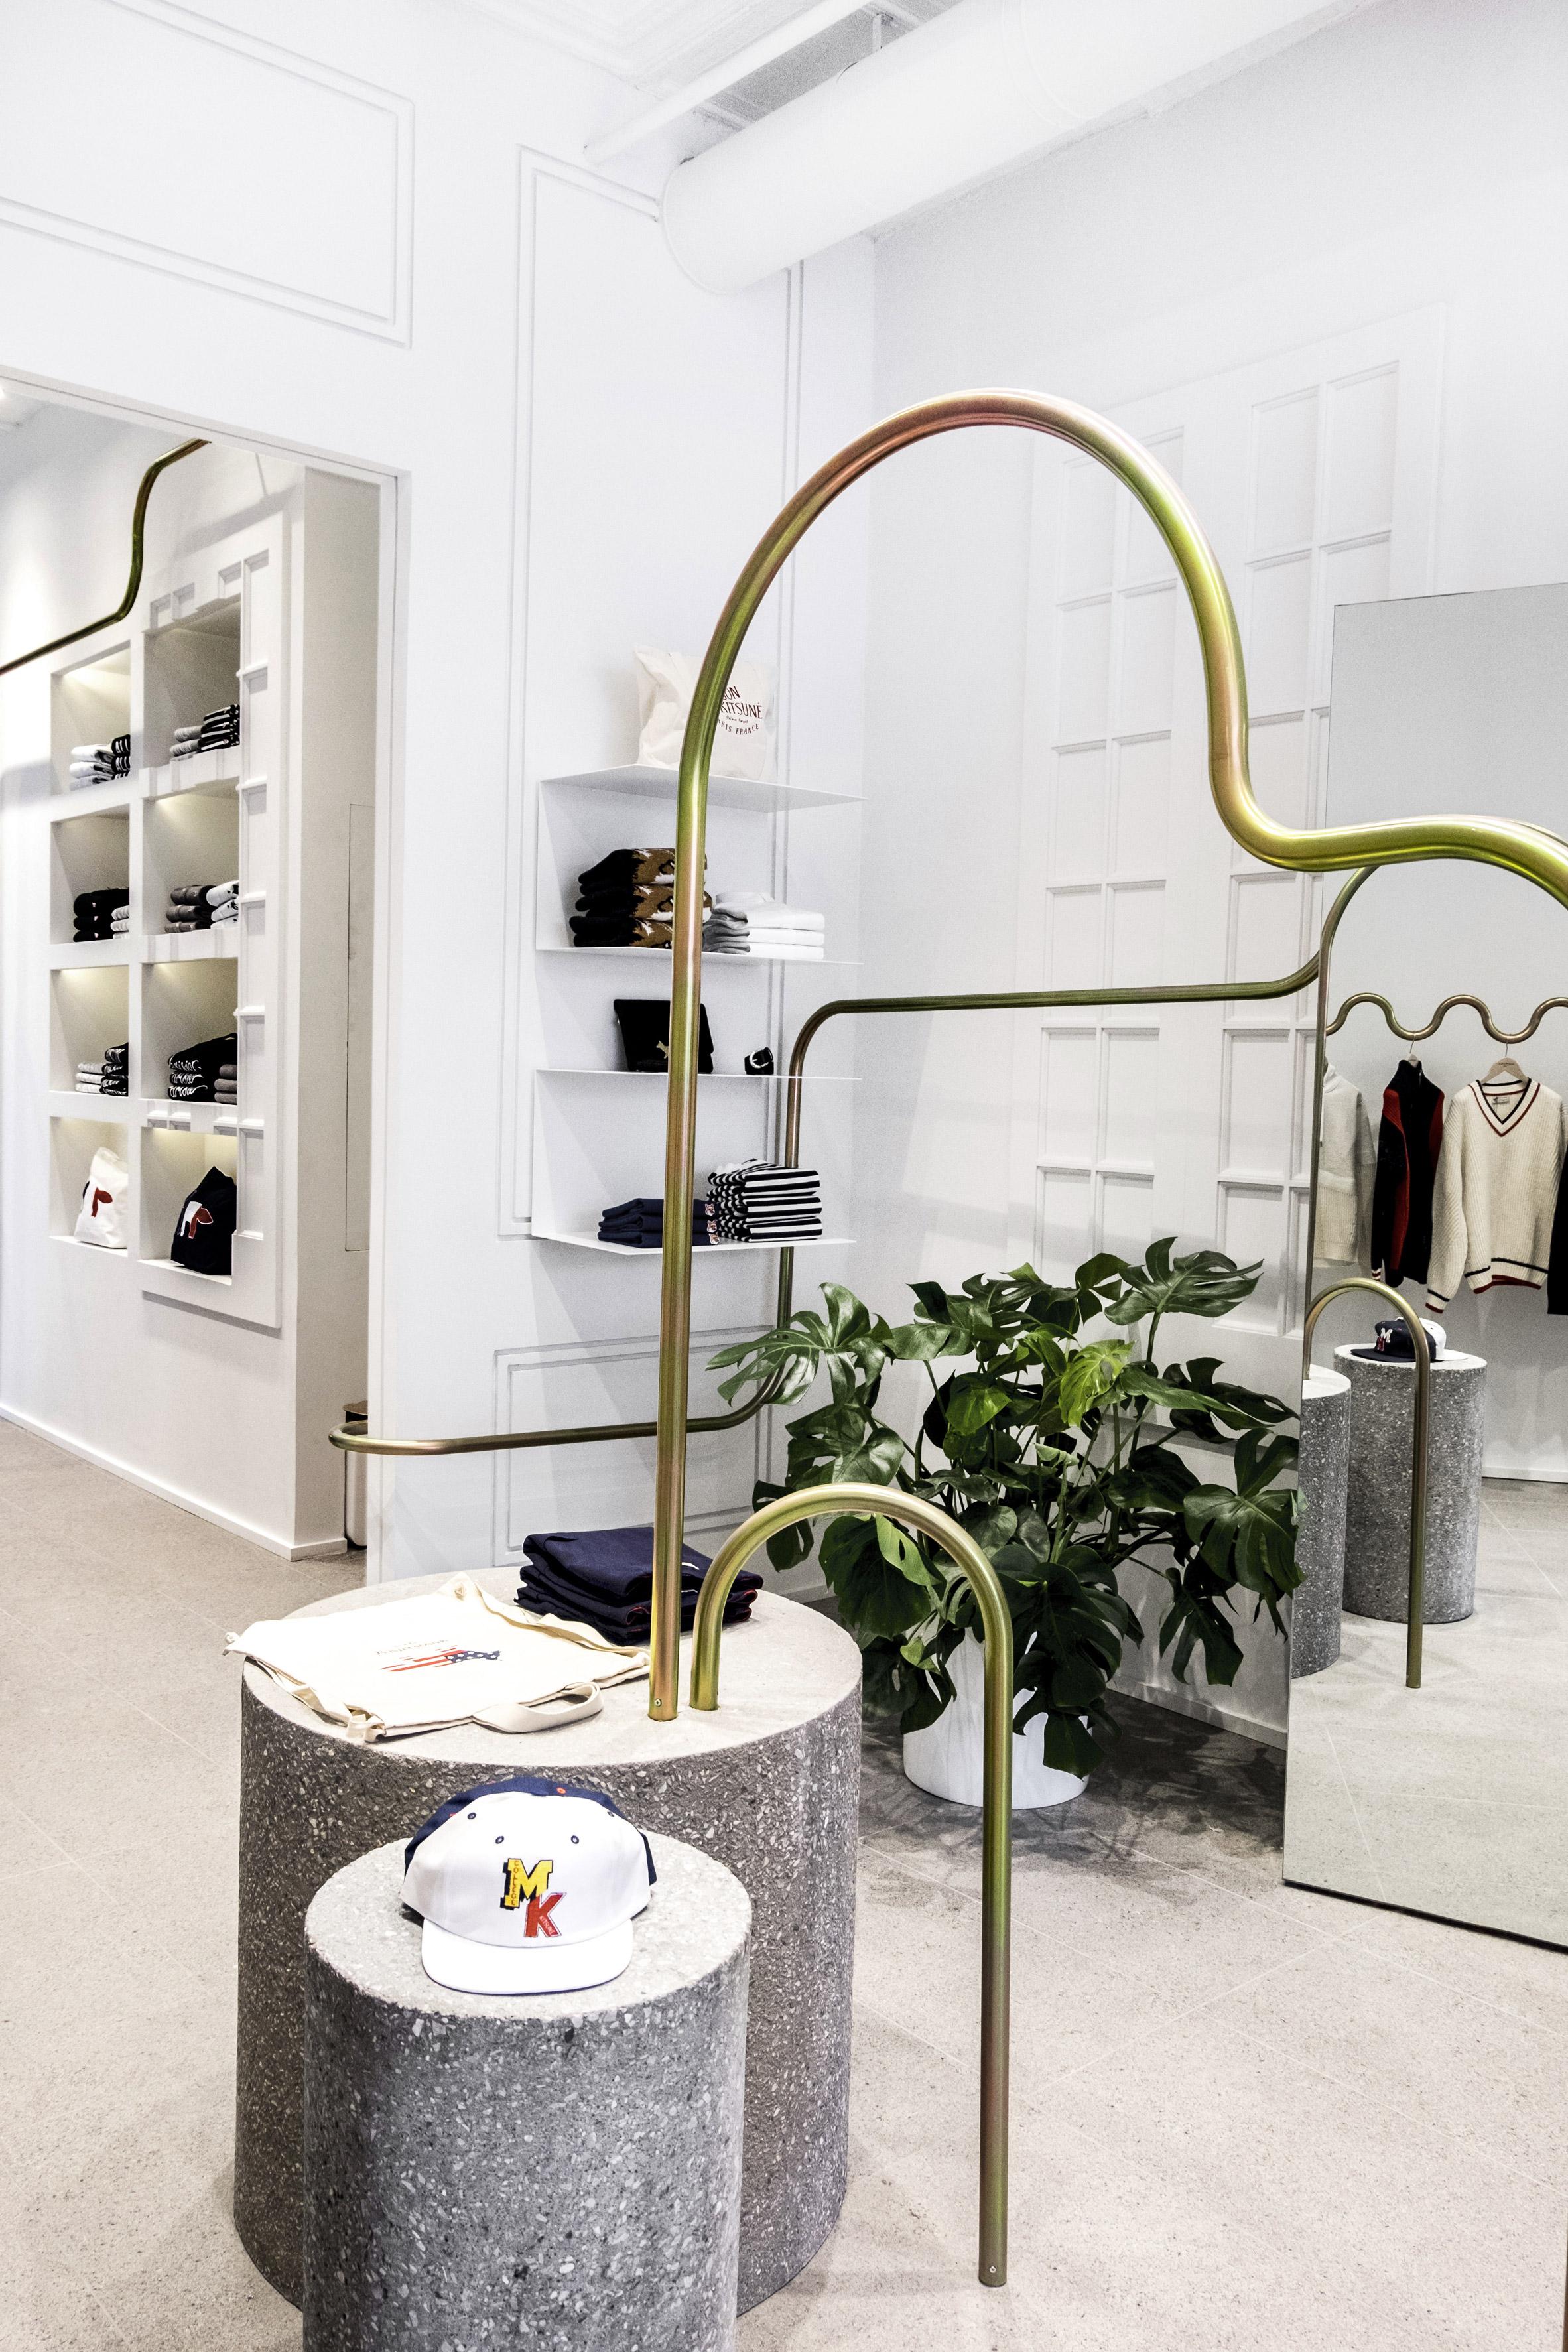 Mathieu Lehanneur snakes metal rails through Maison Kitsuné boutique in New York